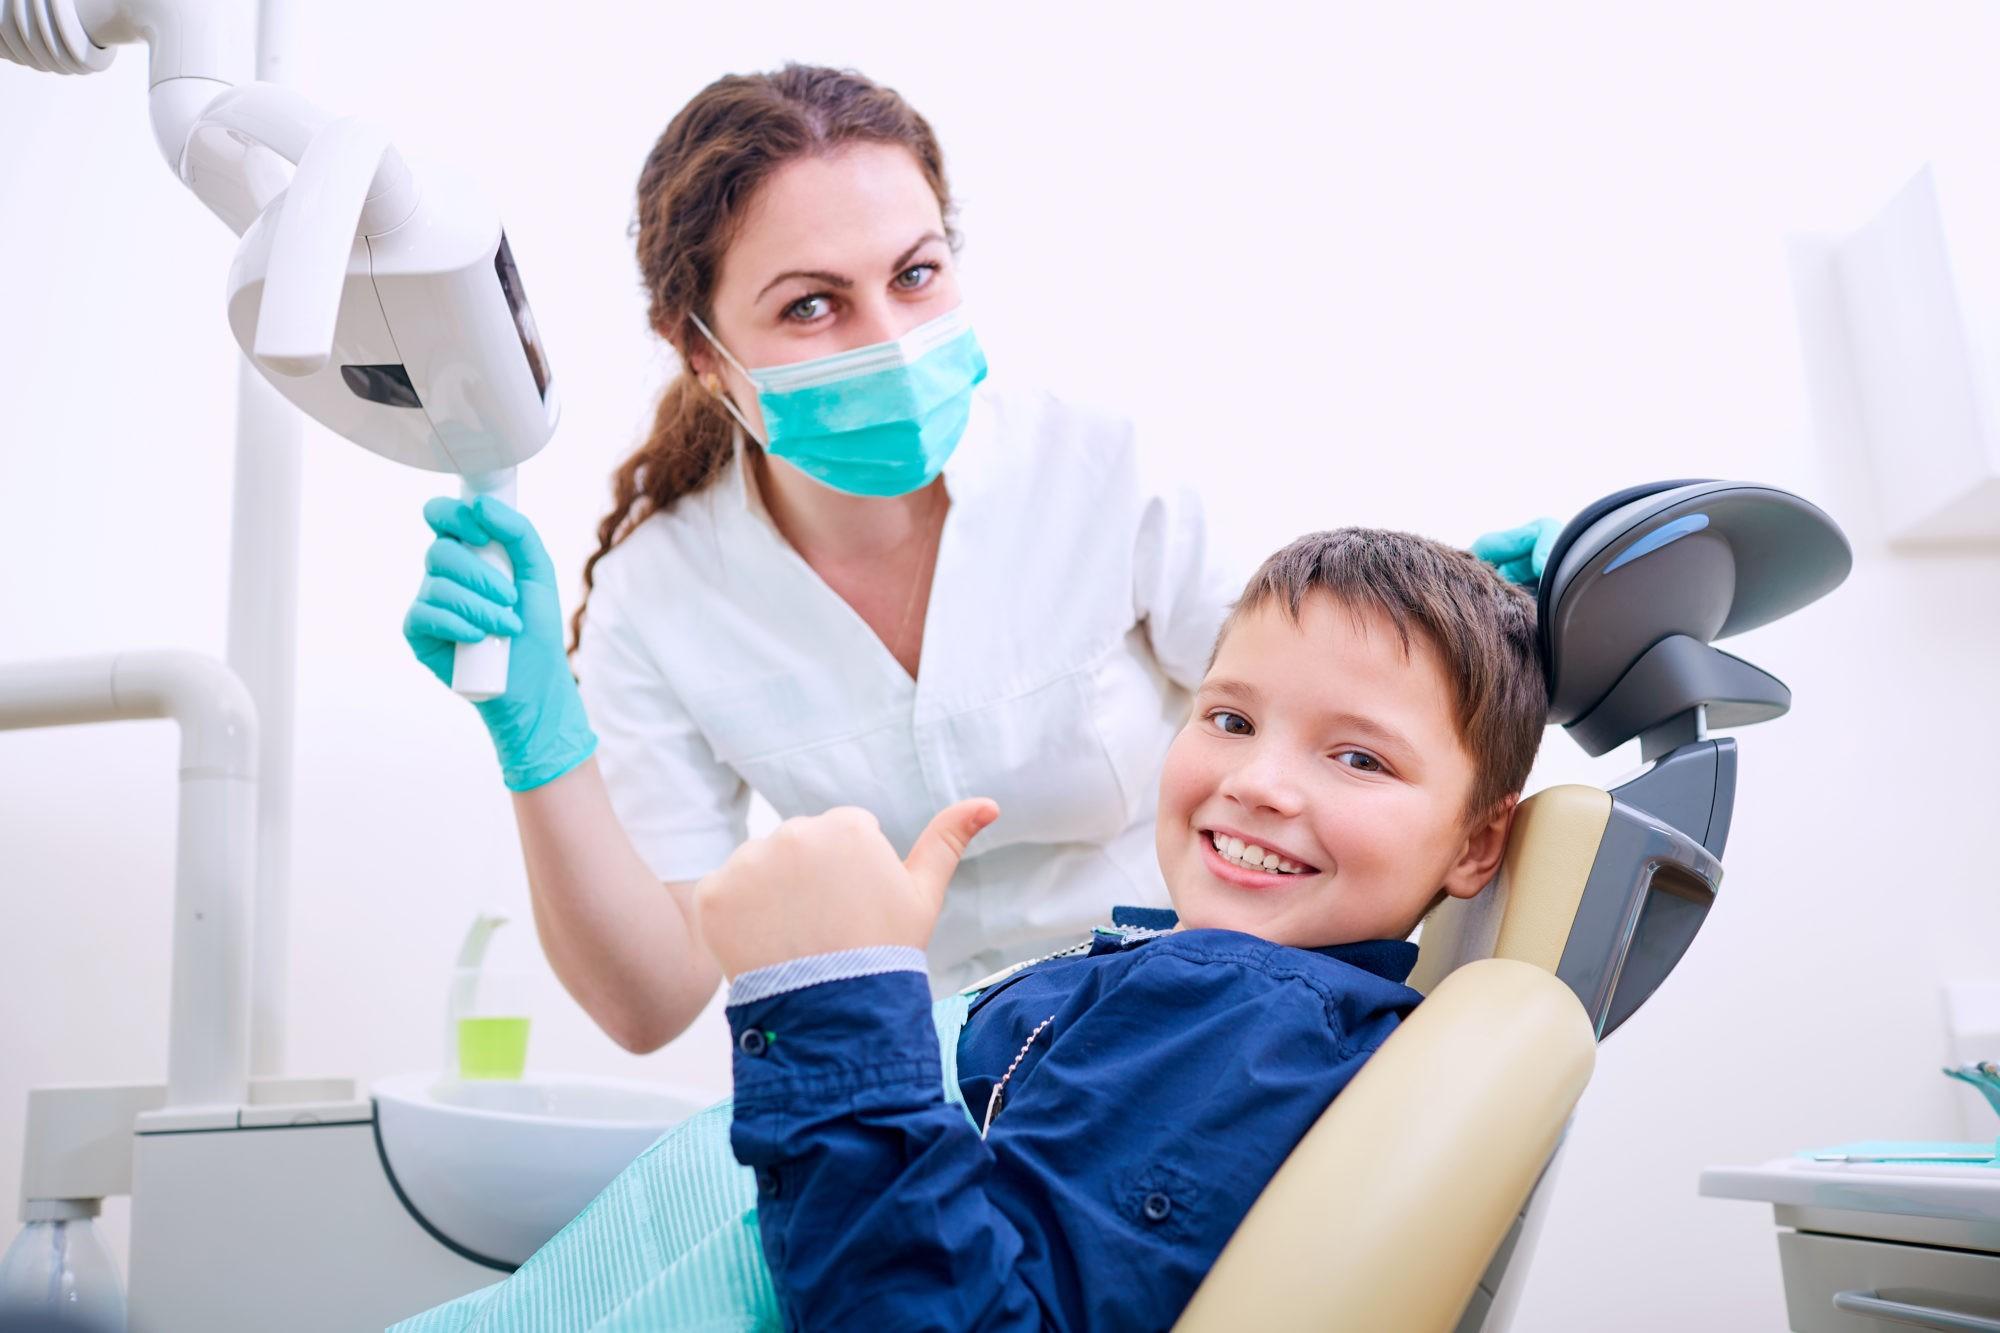 Лечение зубов без боли системой ICON